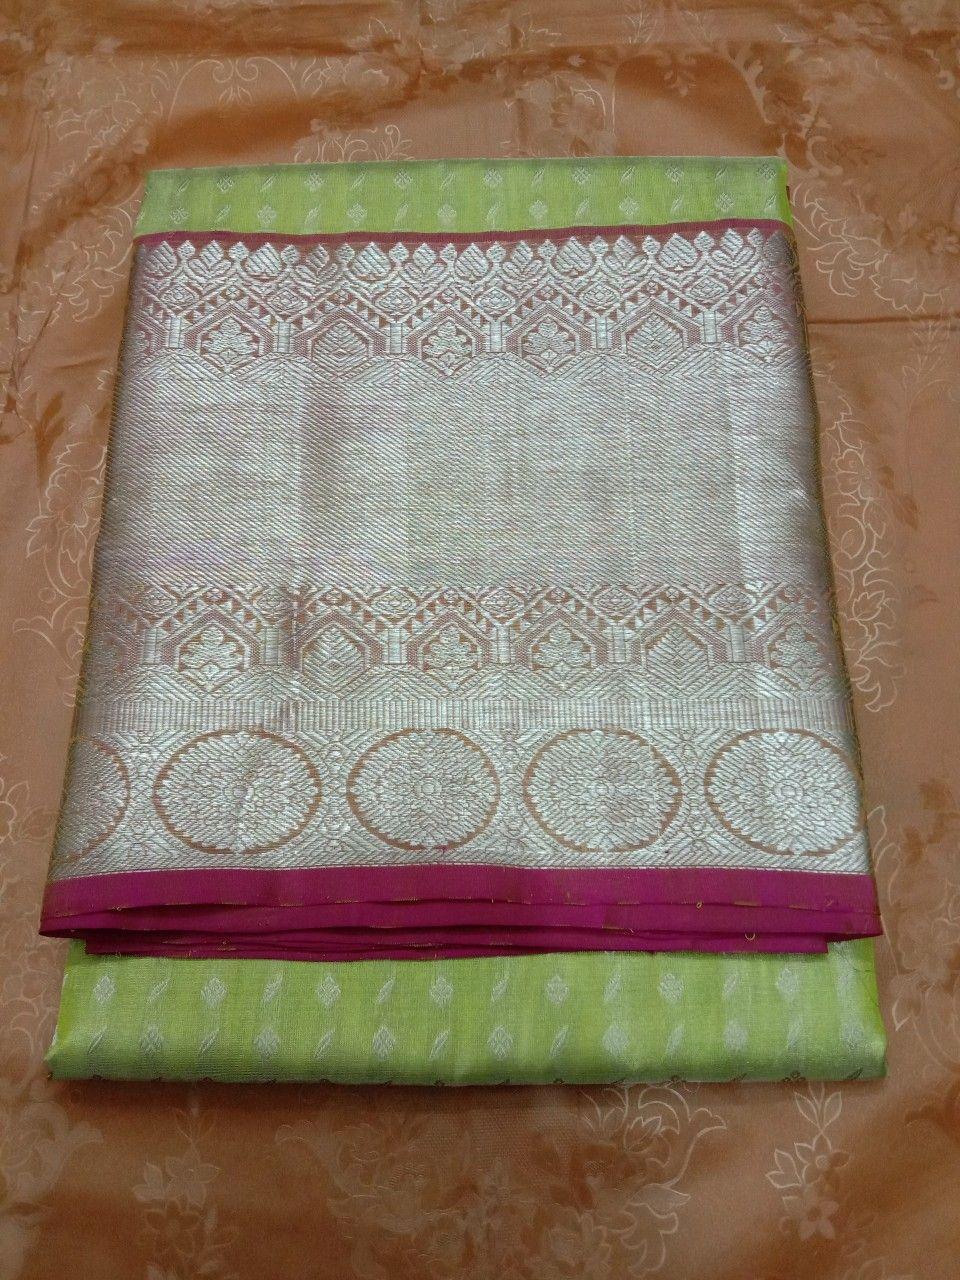 Venkatagiri silks, Wattsapp on 7816068399.,,, in 2020